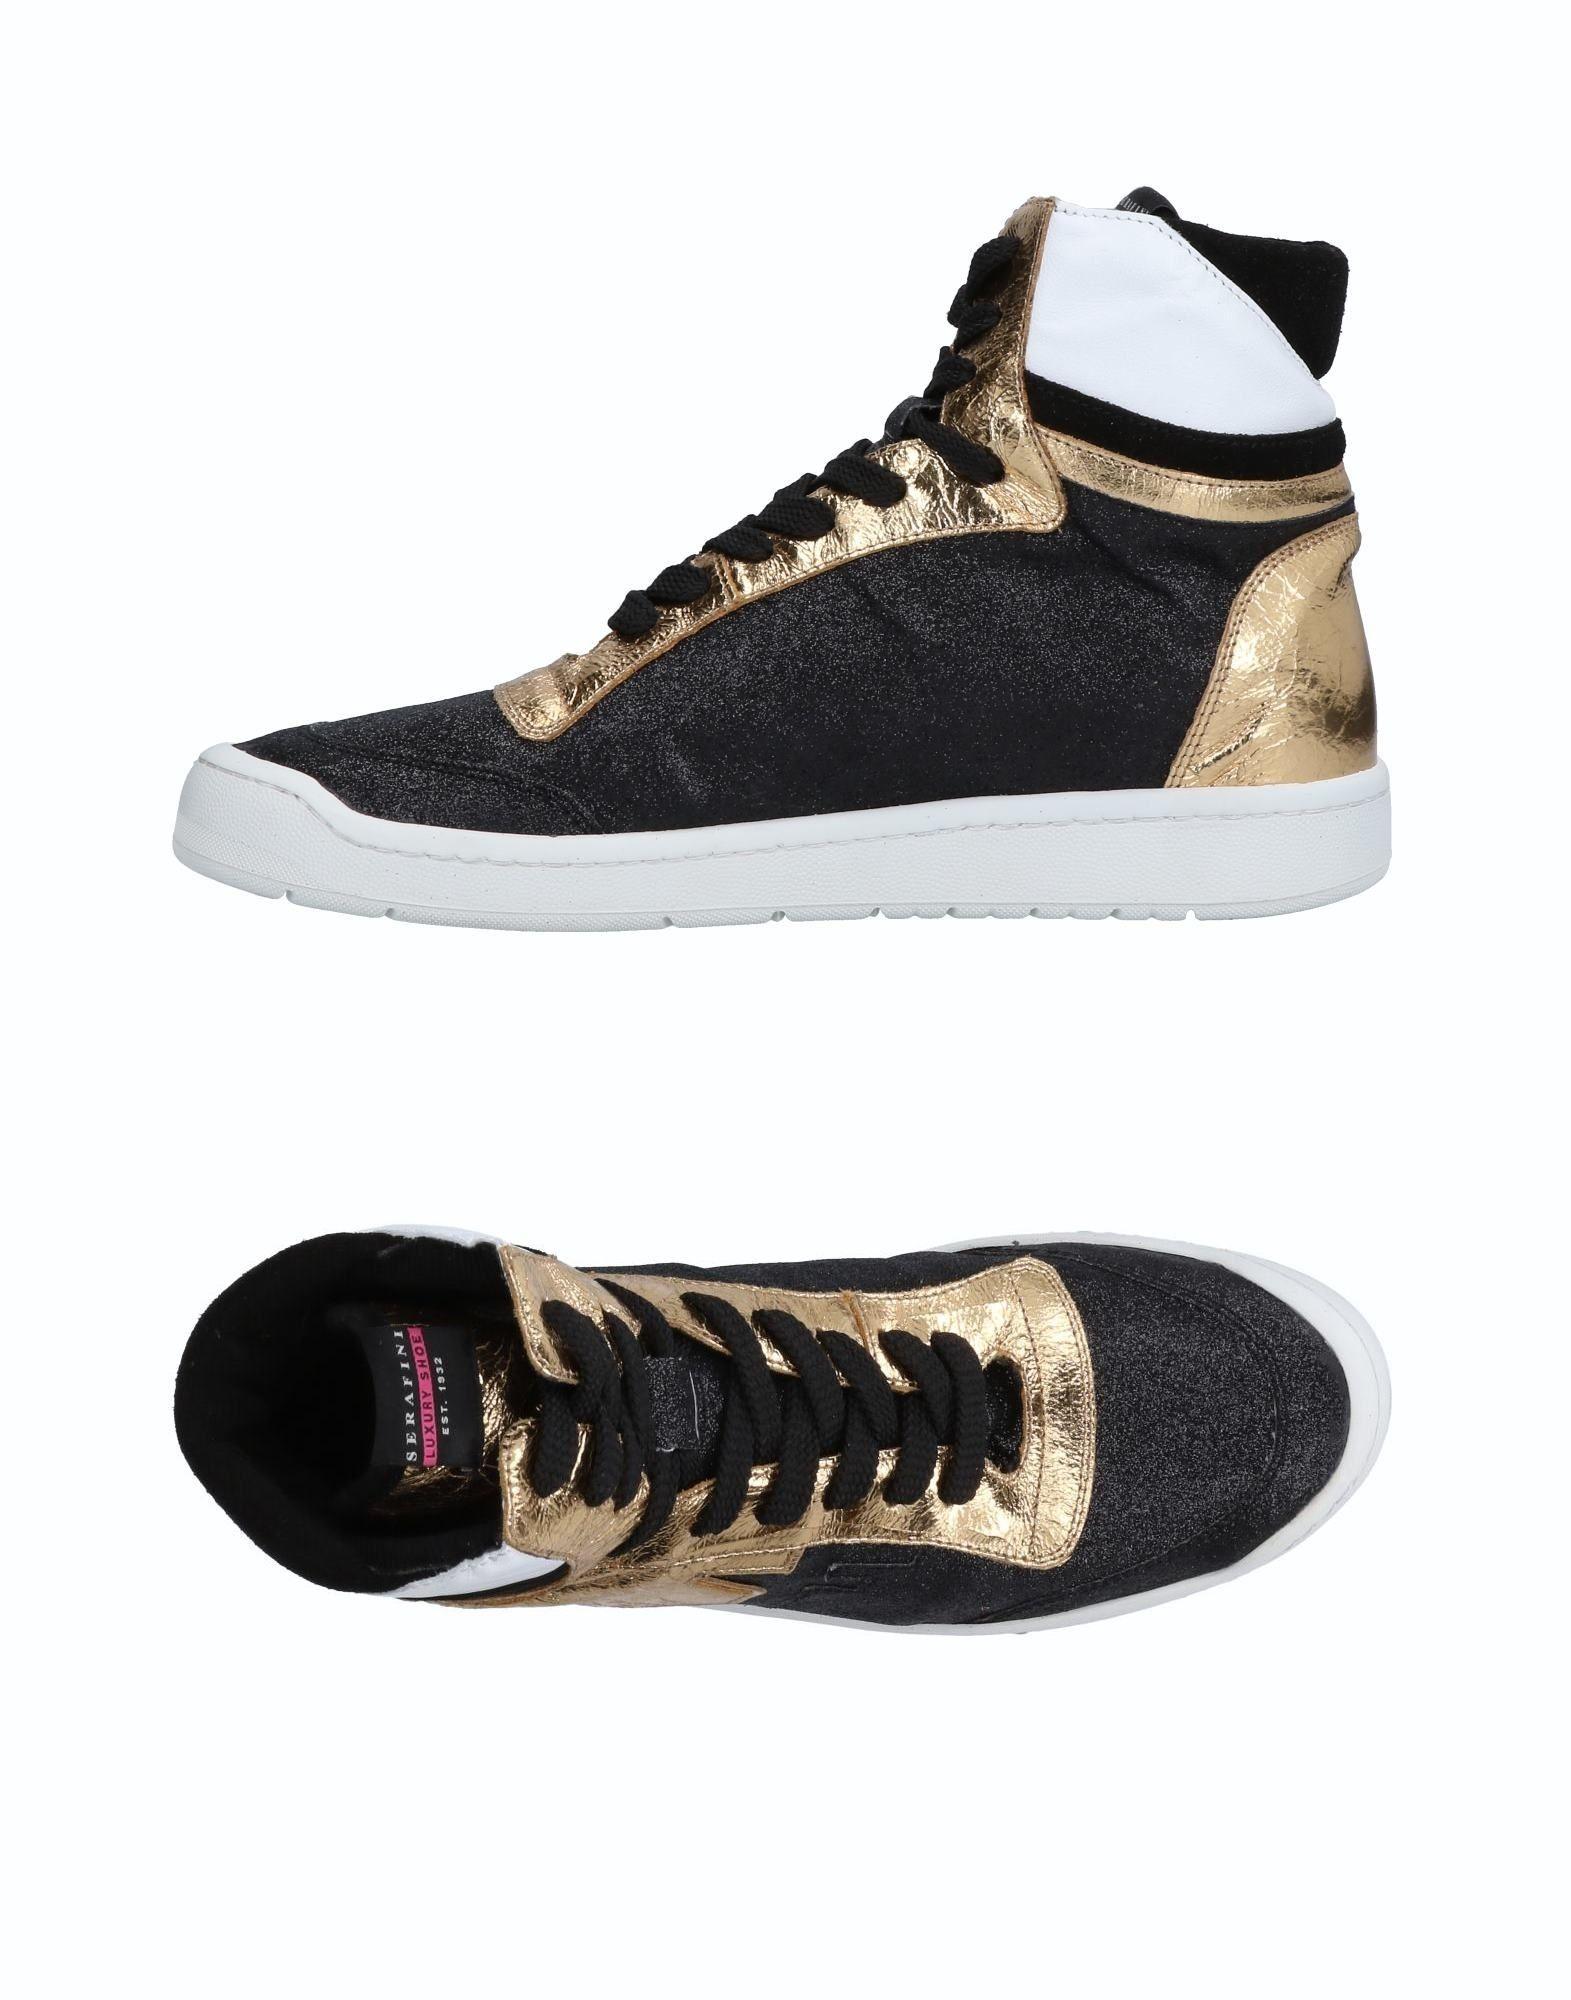 Scarpe economiche e resistenti Sneakers Serafini Donna - 11506166JA